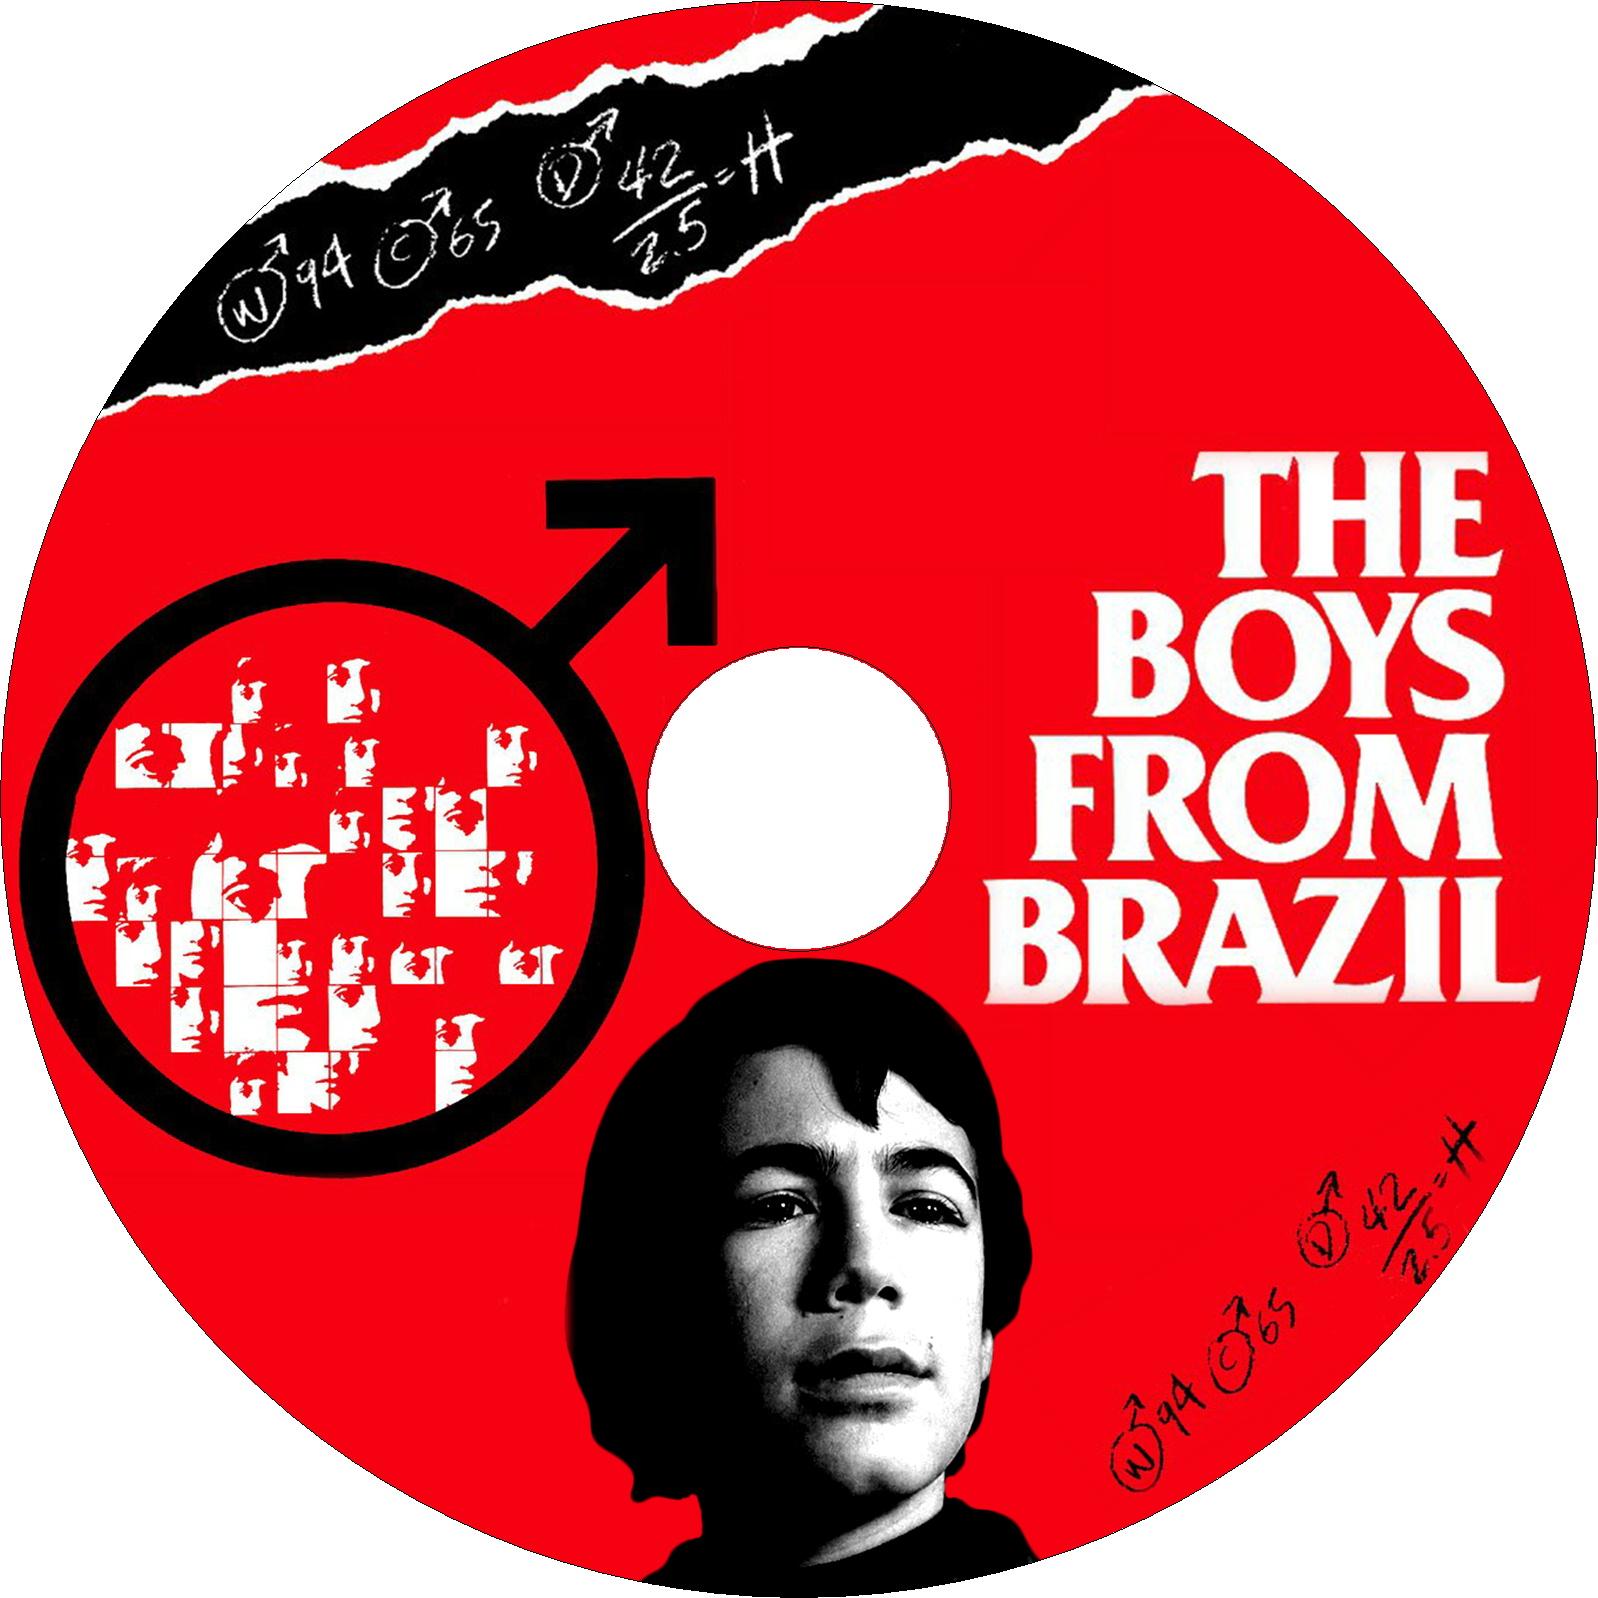 ブラジルから来た少年 ラベル